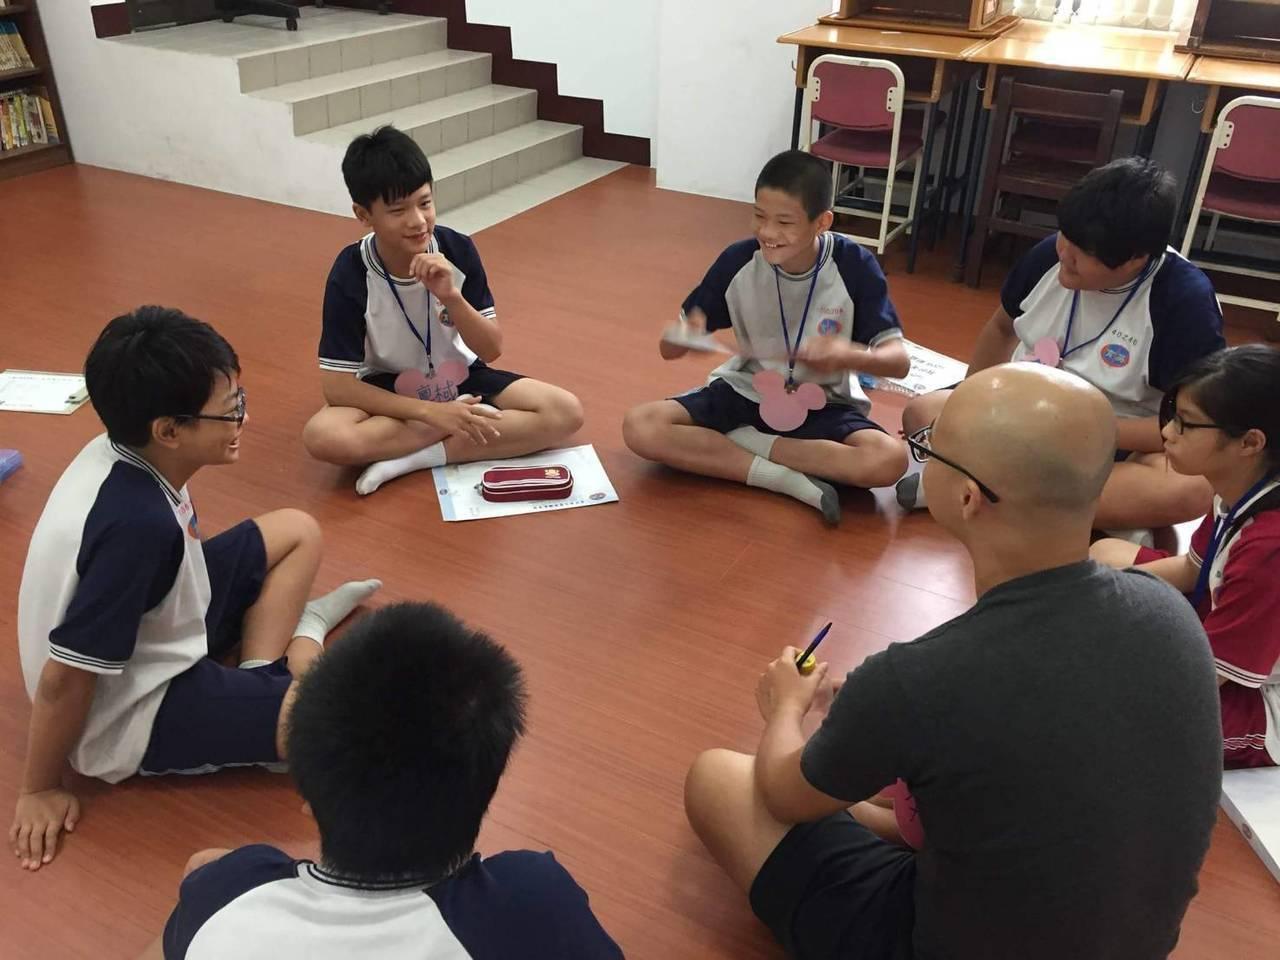 台中市教育局開放會考填志願諮詢專線,今年電話比去年少了近1/3,顯示基層學校輔導...